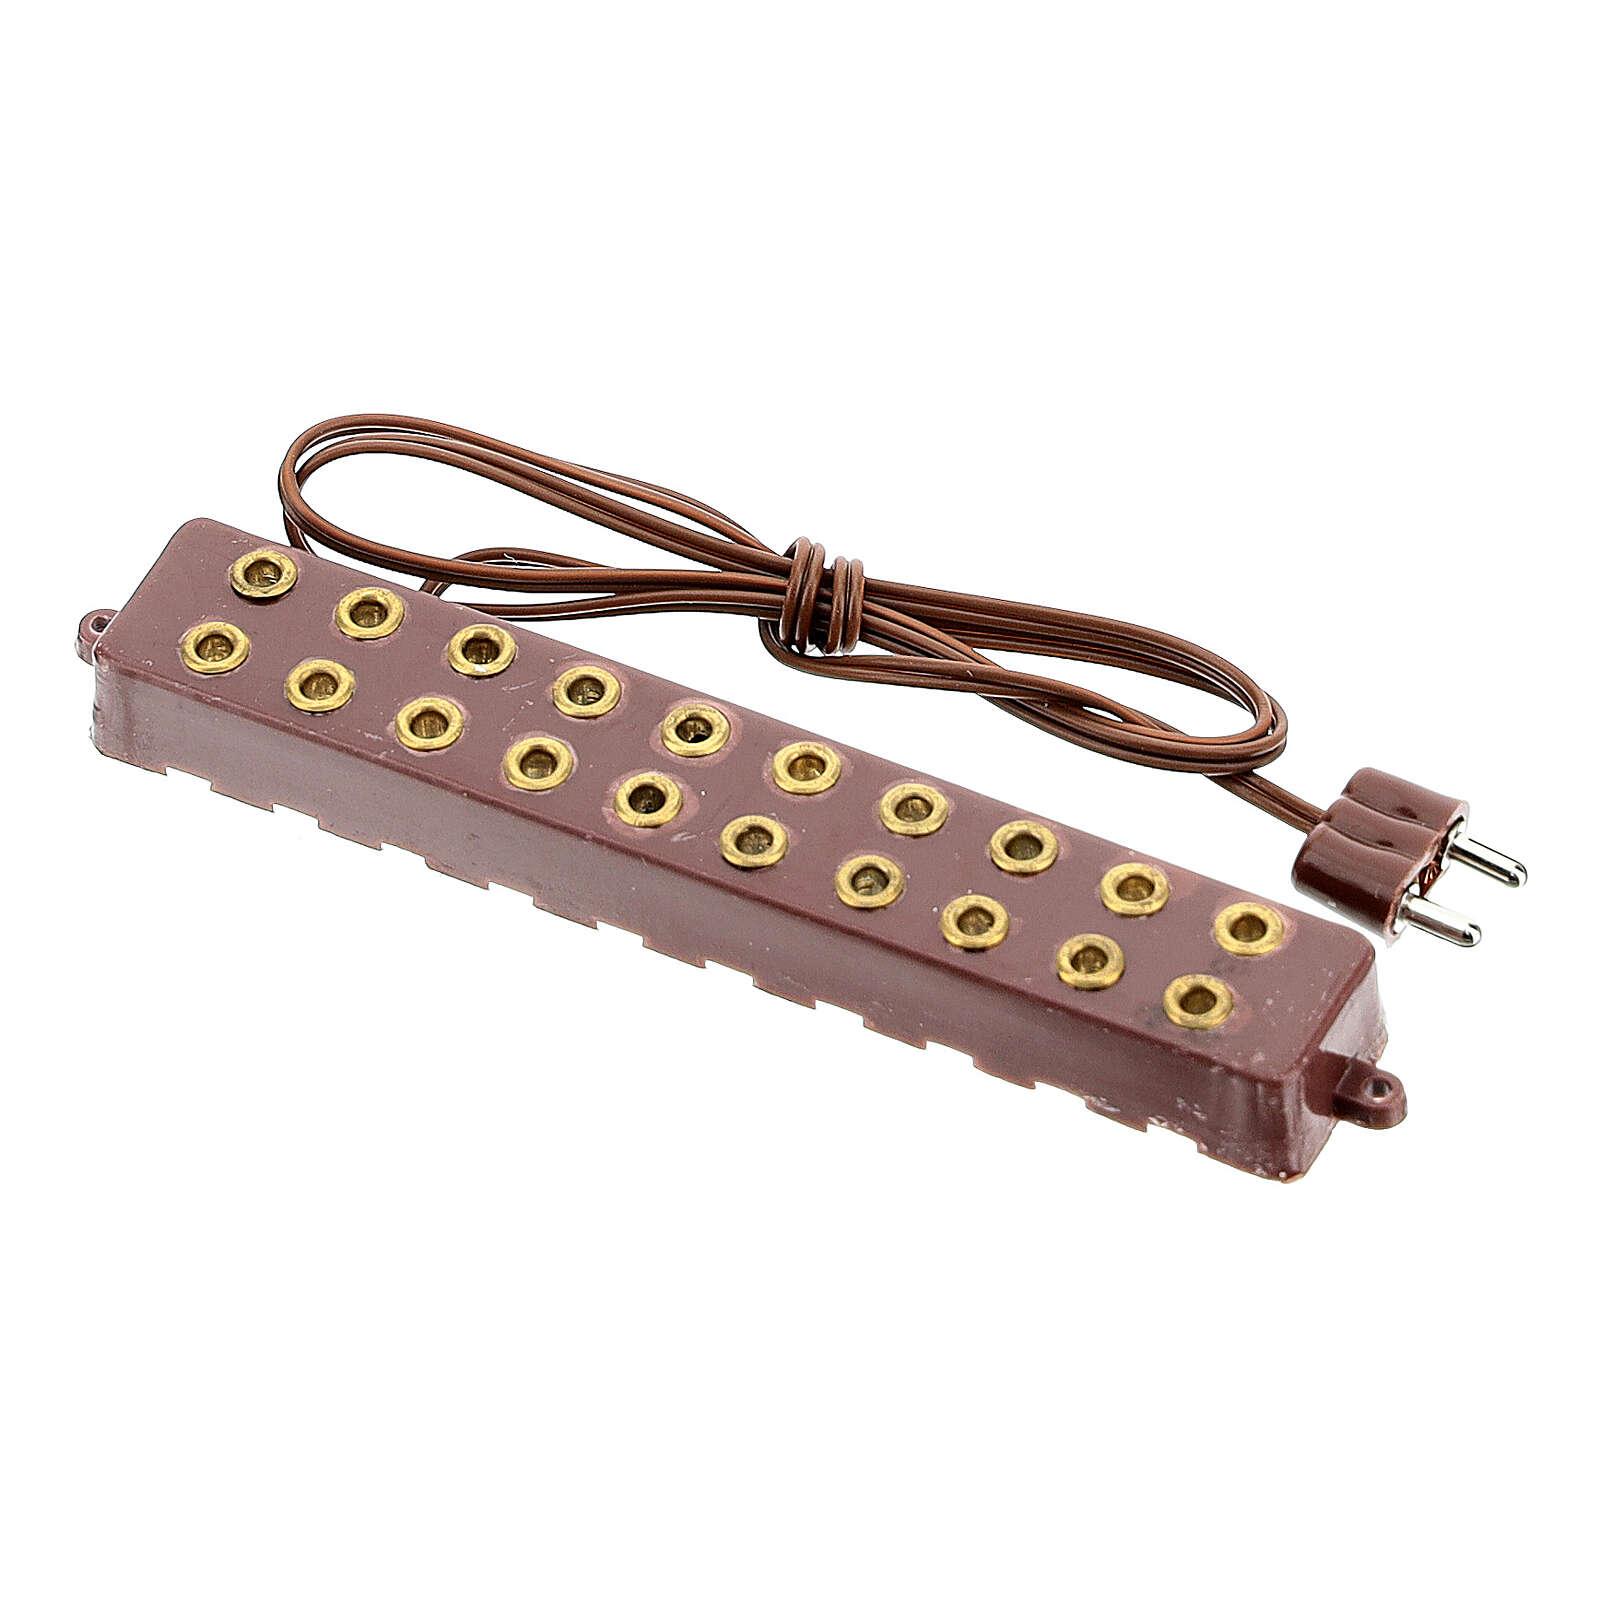 Socle 10 prises électriques bas voltage 3,5/4,5v 4